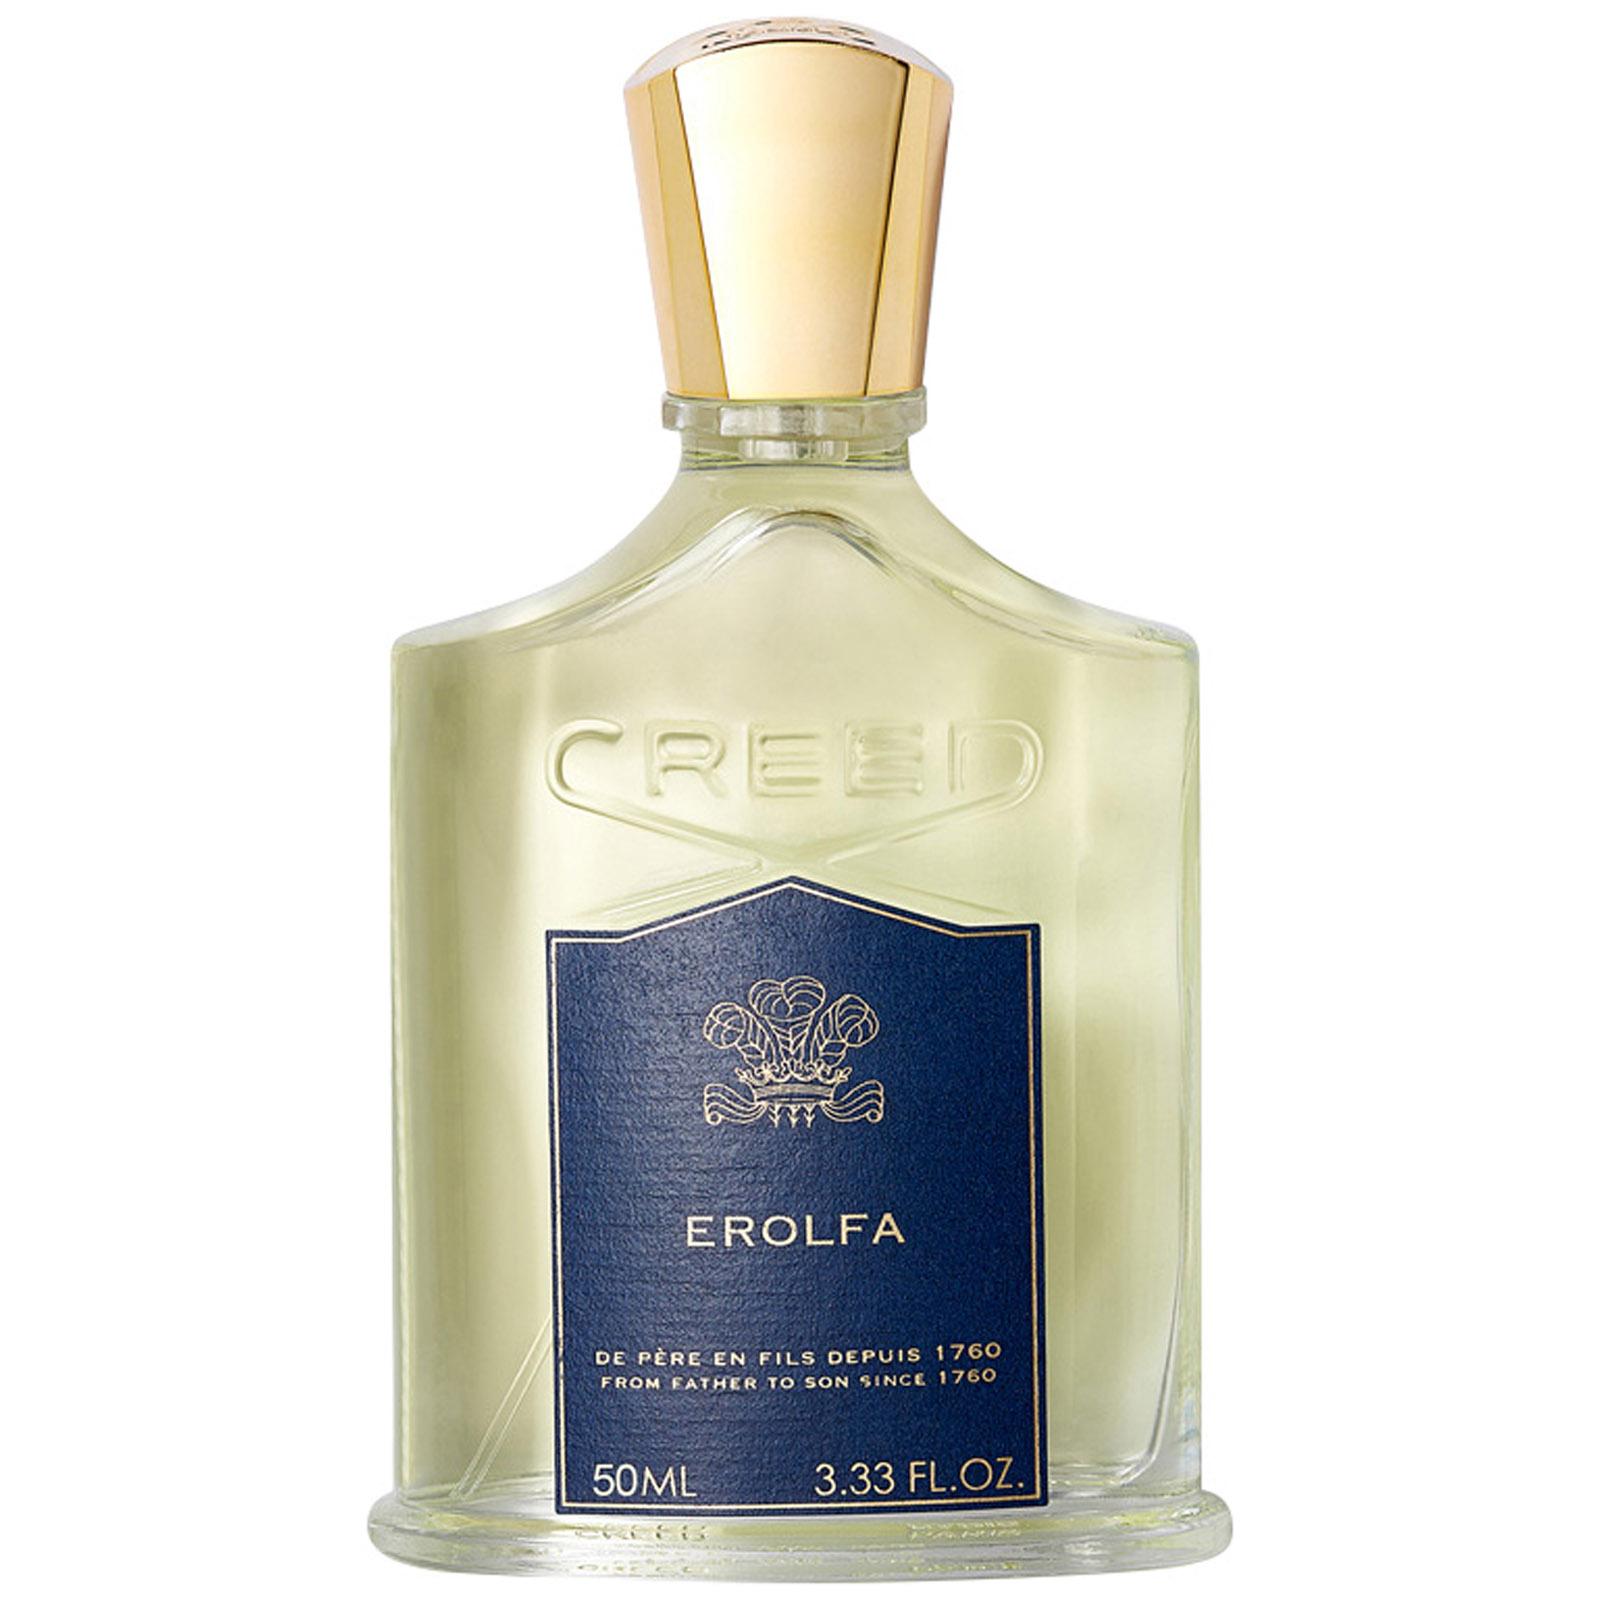 Erolfa millésime profumo eau de parfum 50 ml